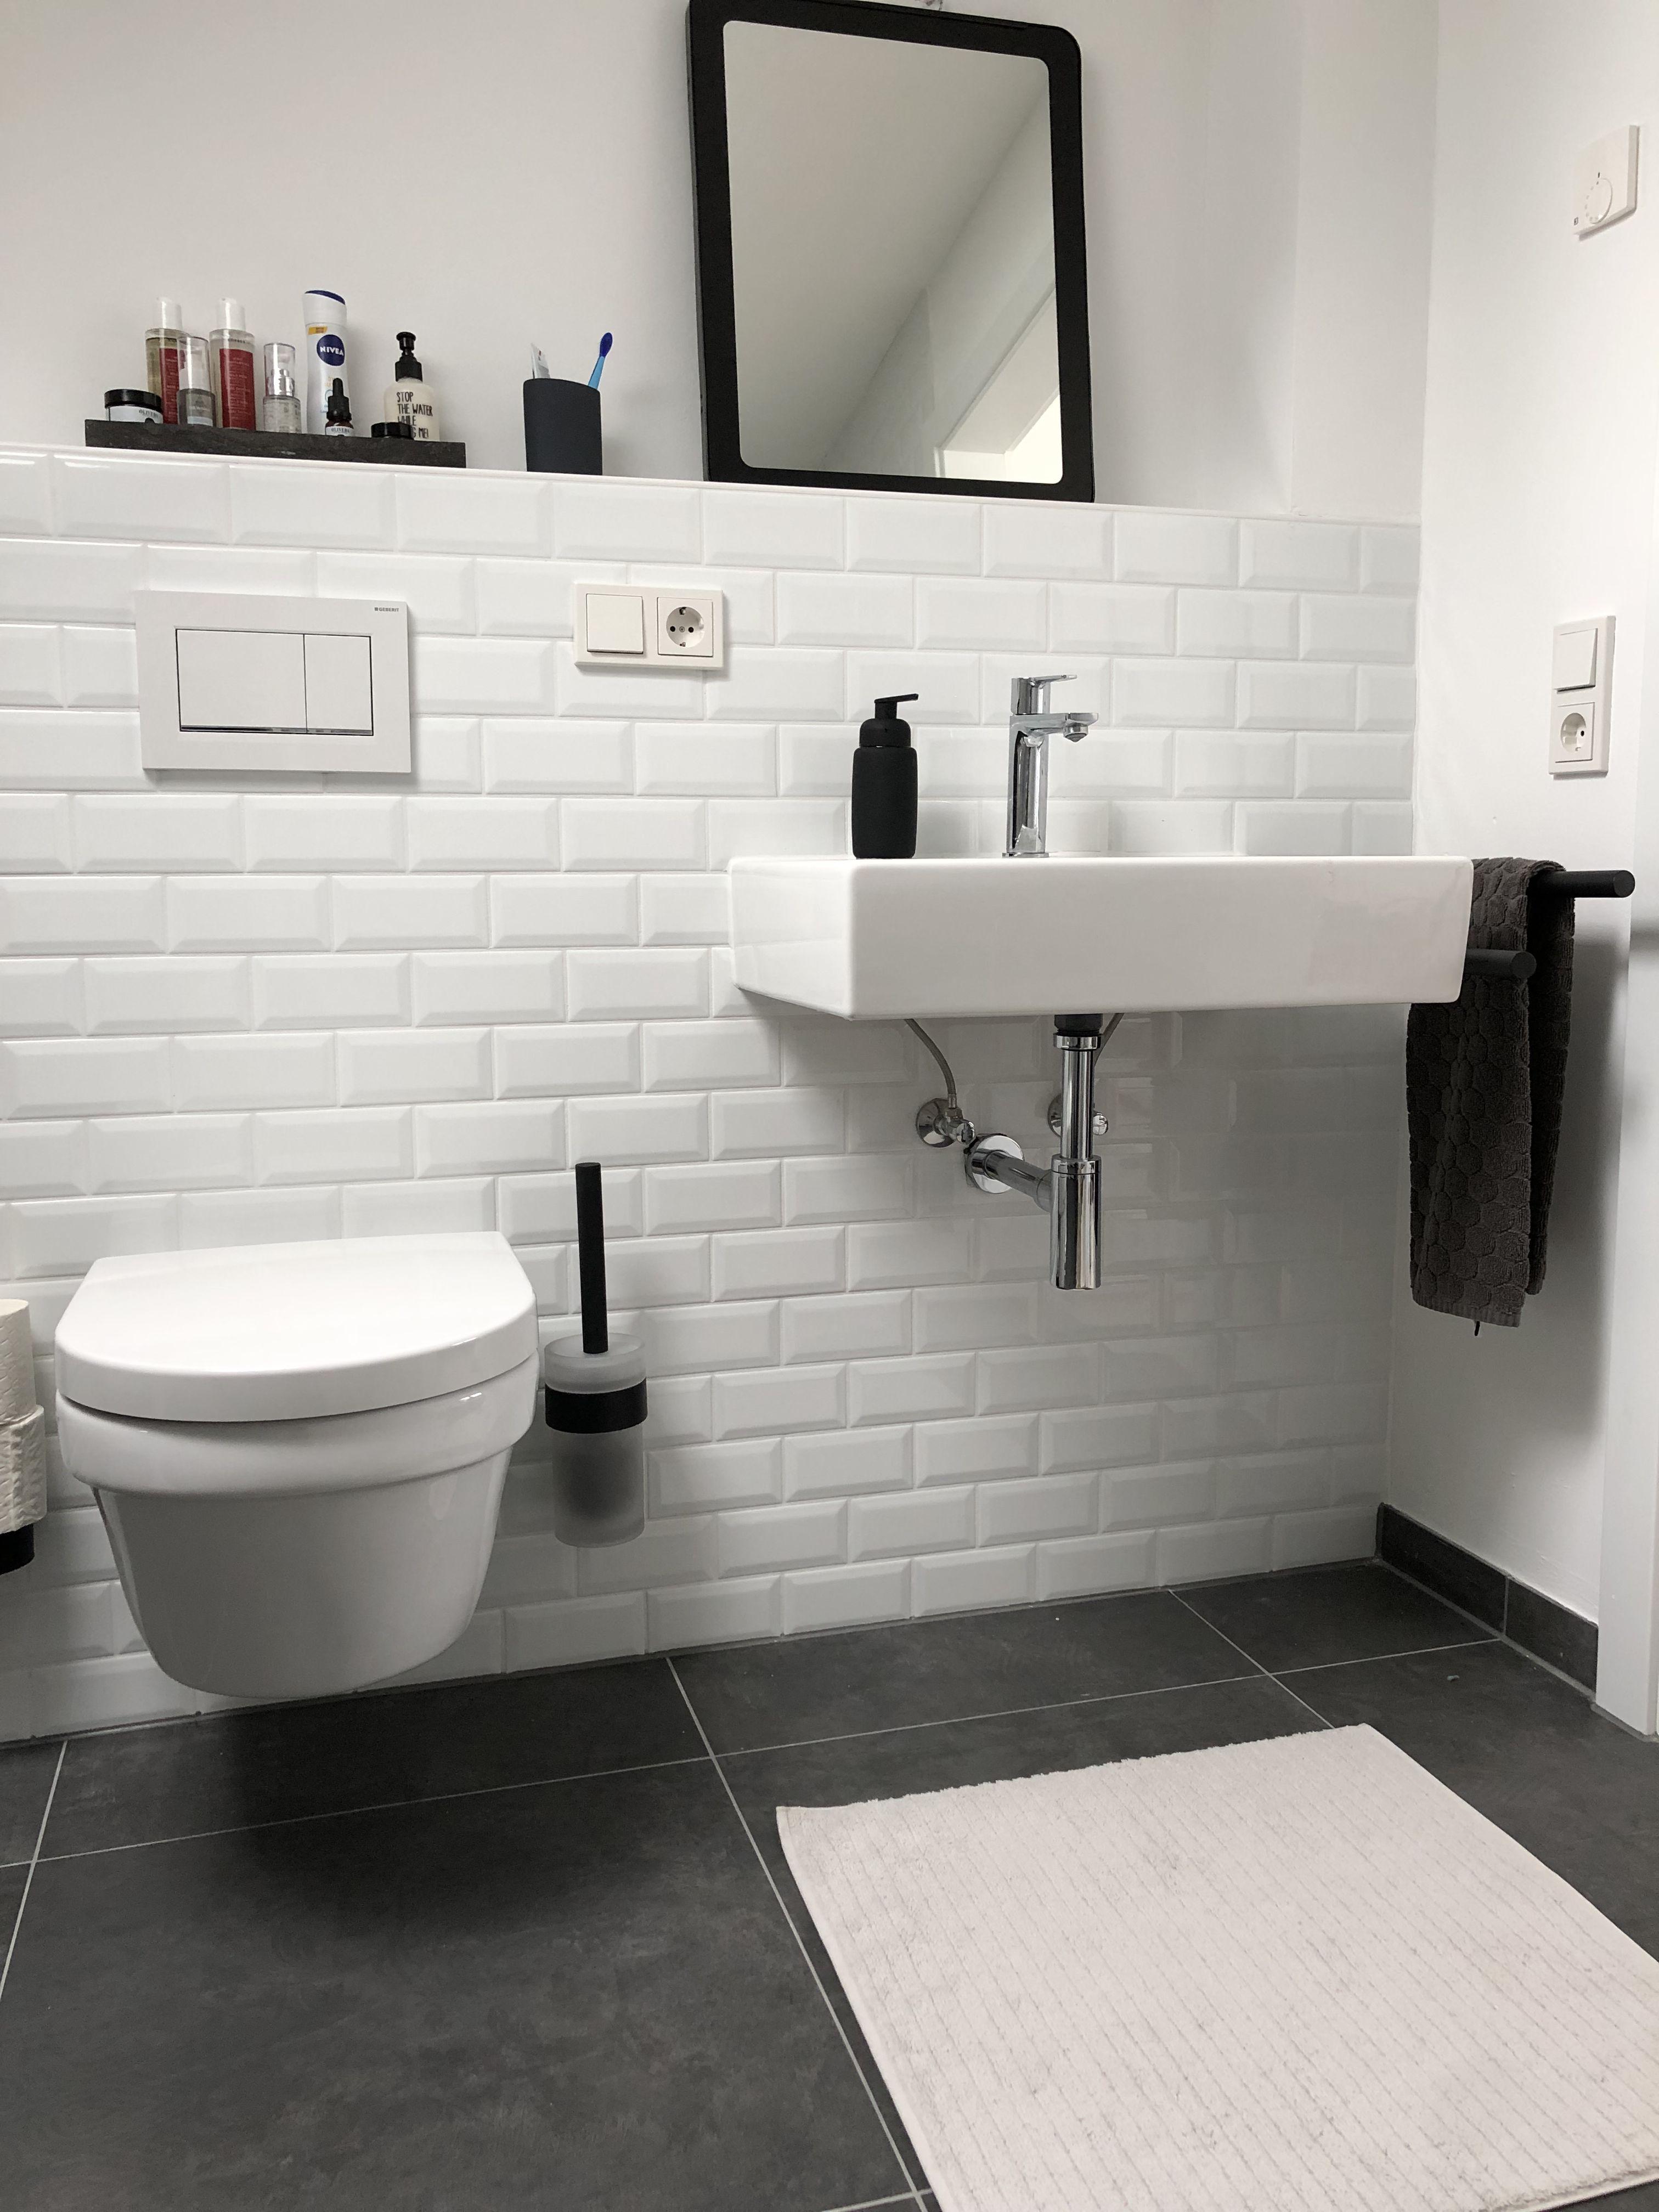 Badezimmer schwarz weiß mit Metrofliesen   Badezimmer schwarz ...